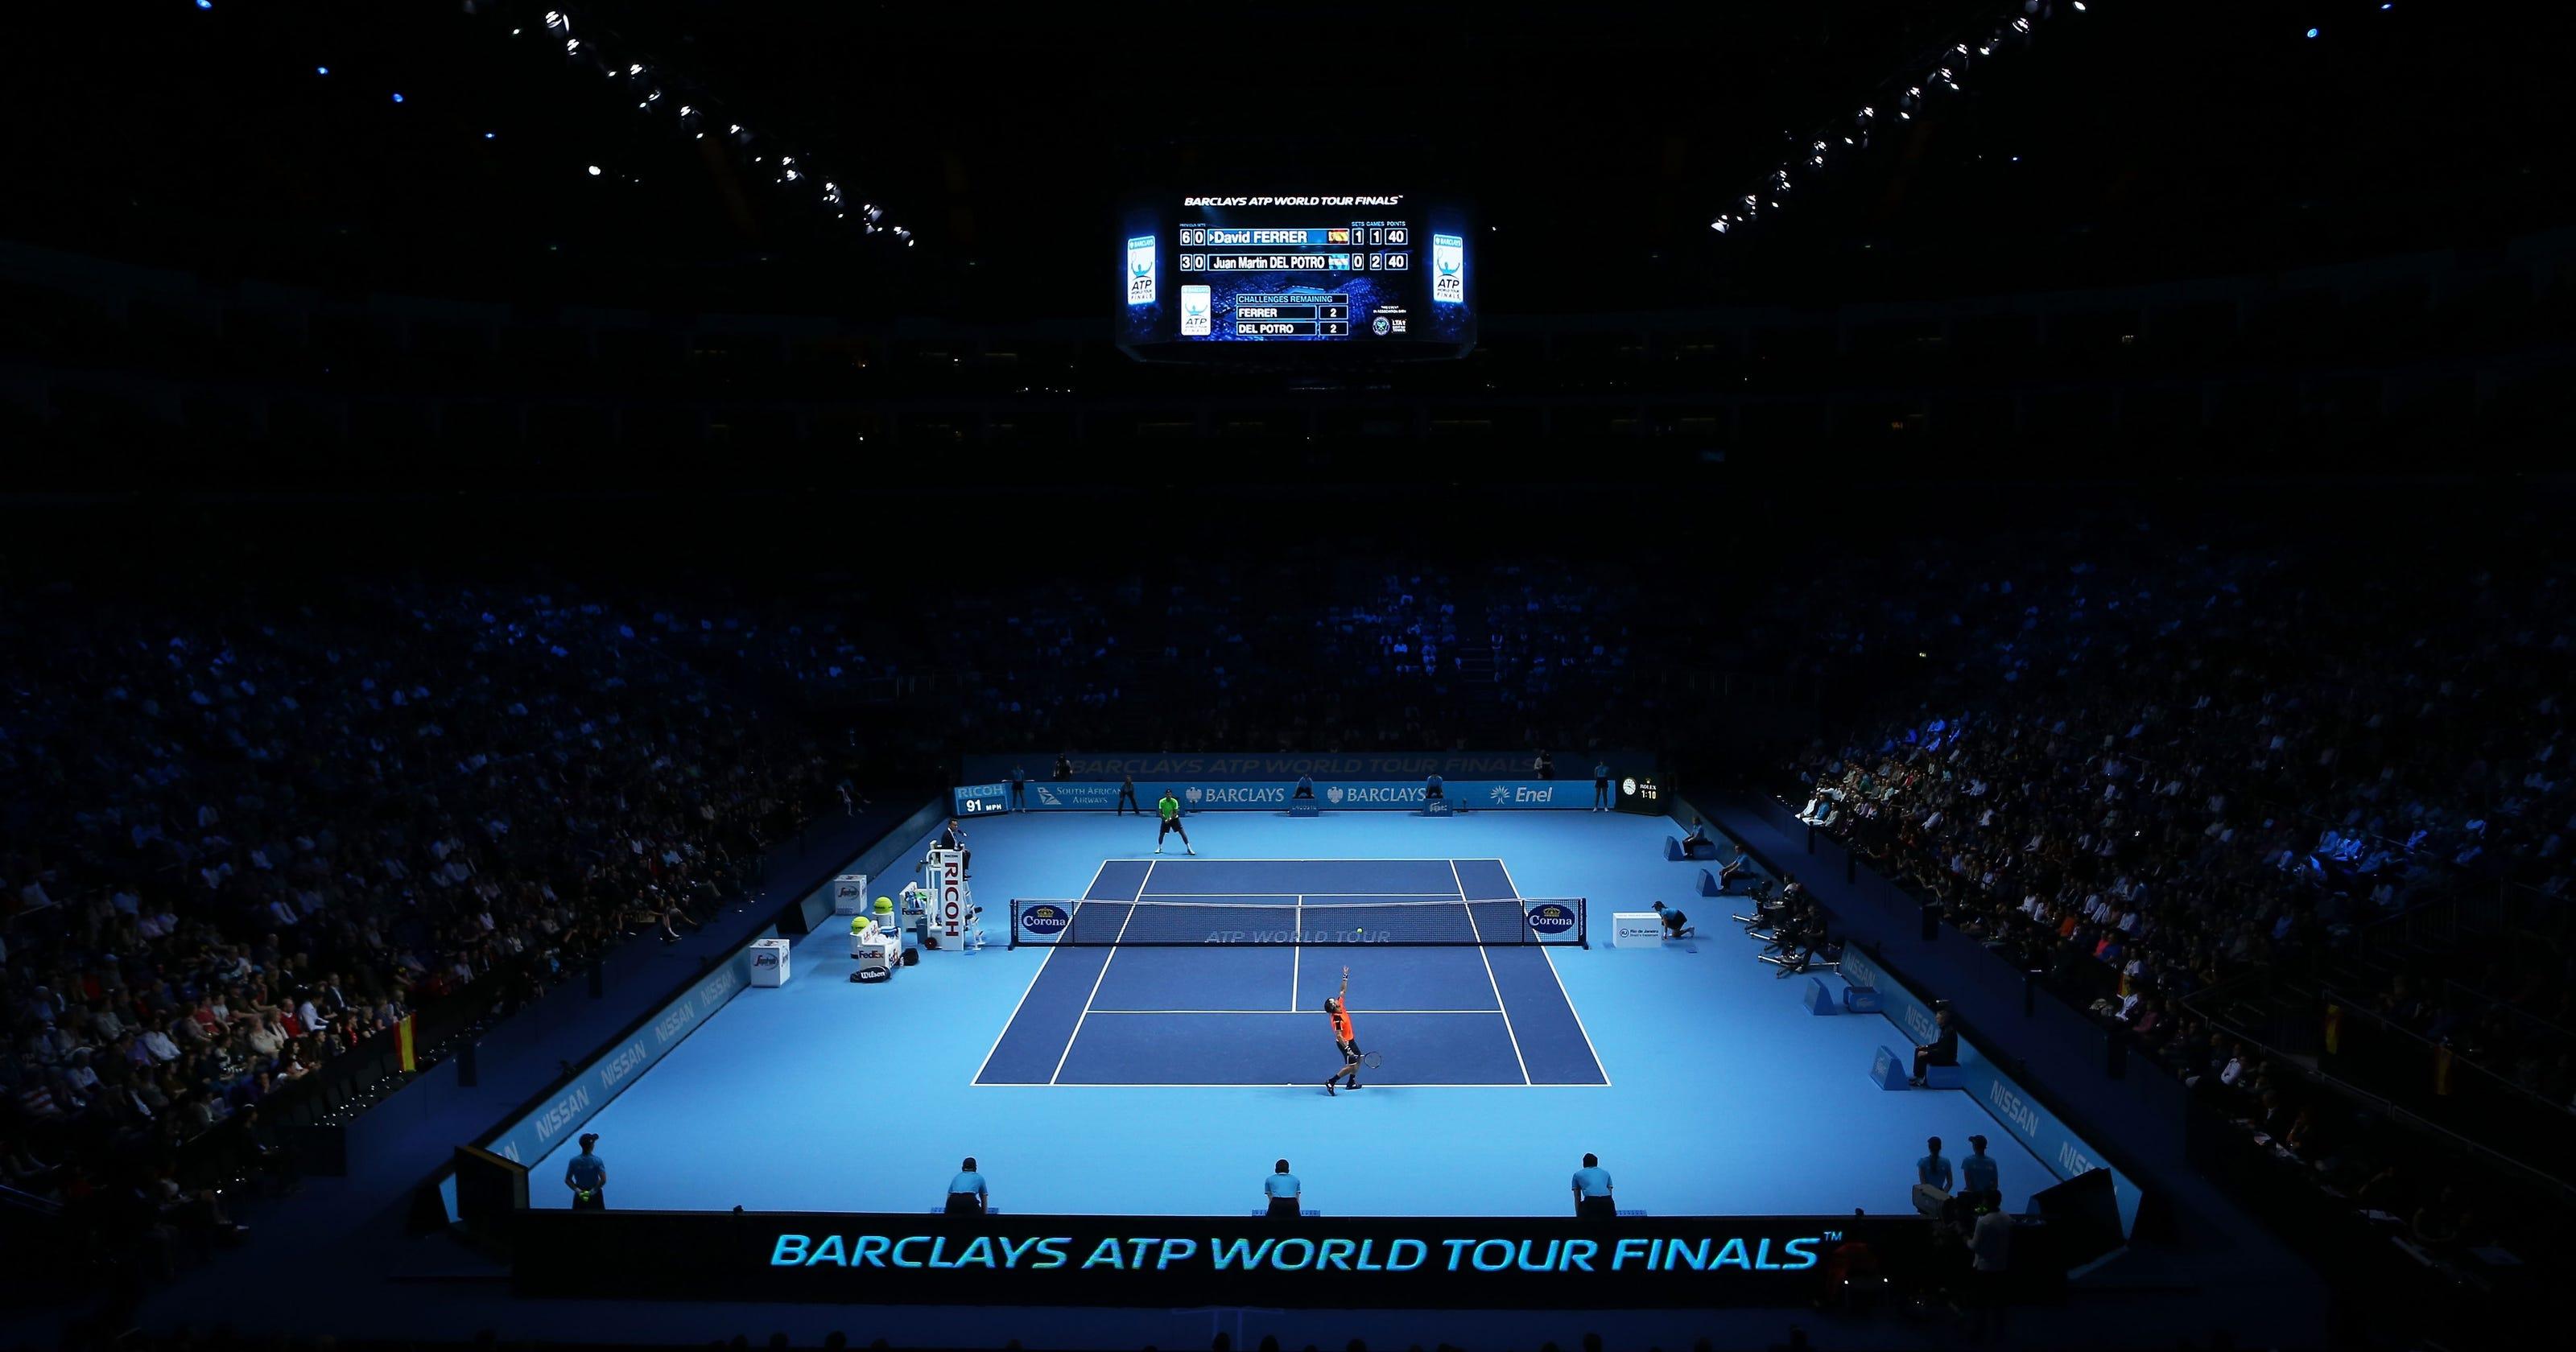 Atp World Tour Finals Scores